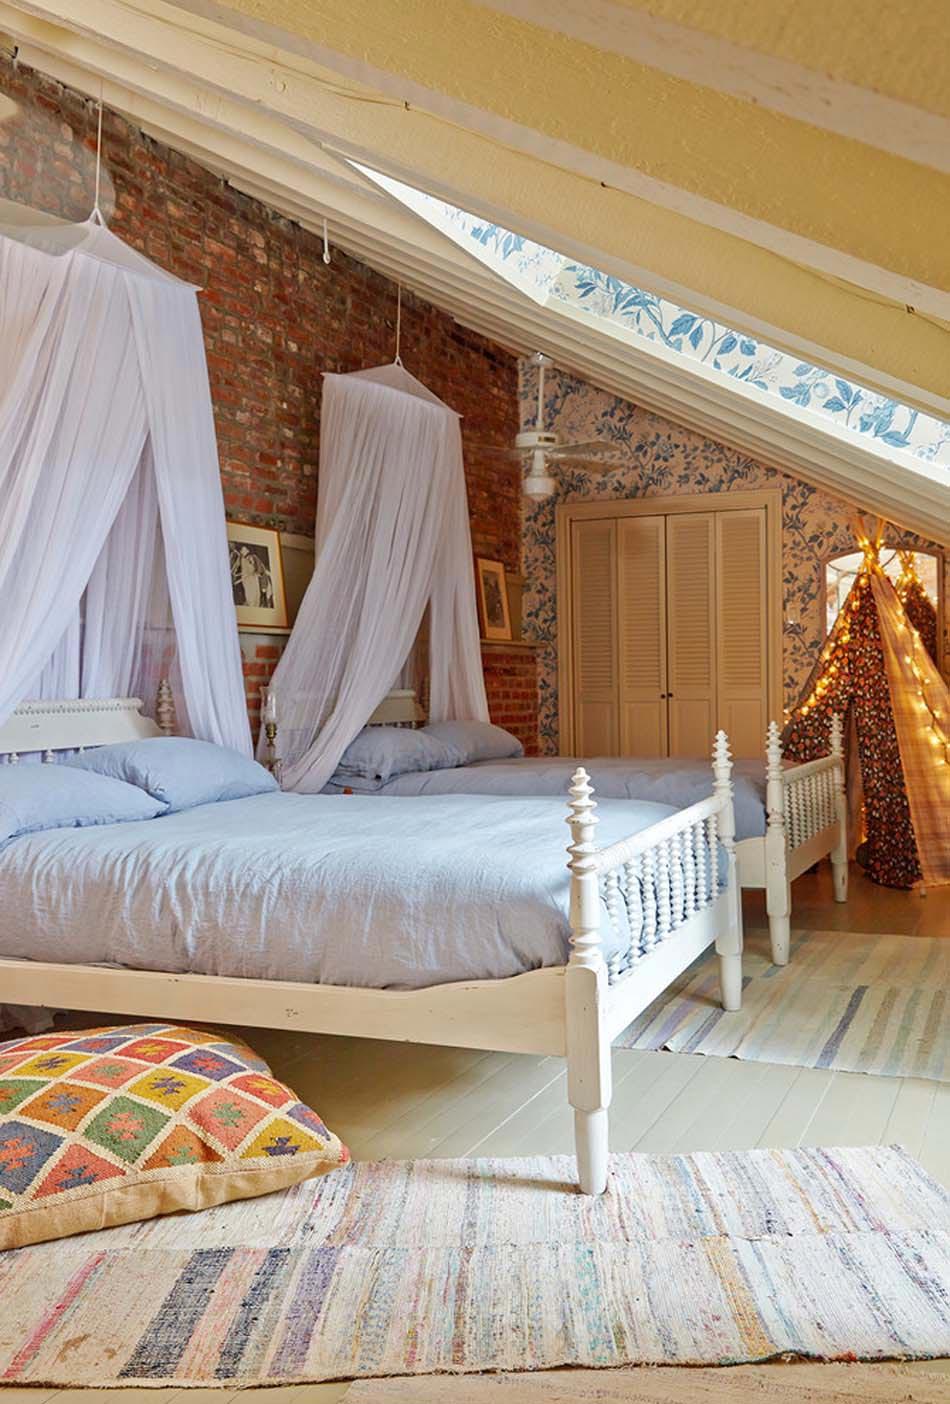 Toile Moustiquaire En Tant Qu Accessoire D Co Pratique Et Esth Tique